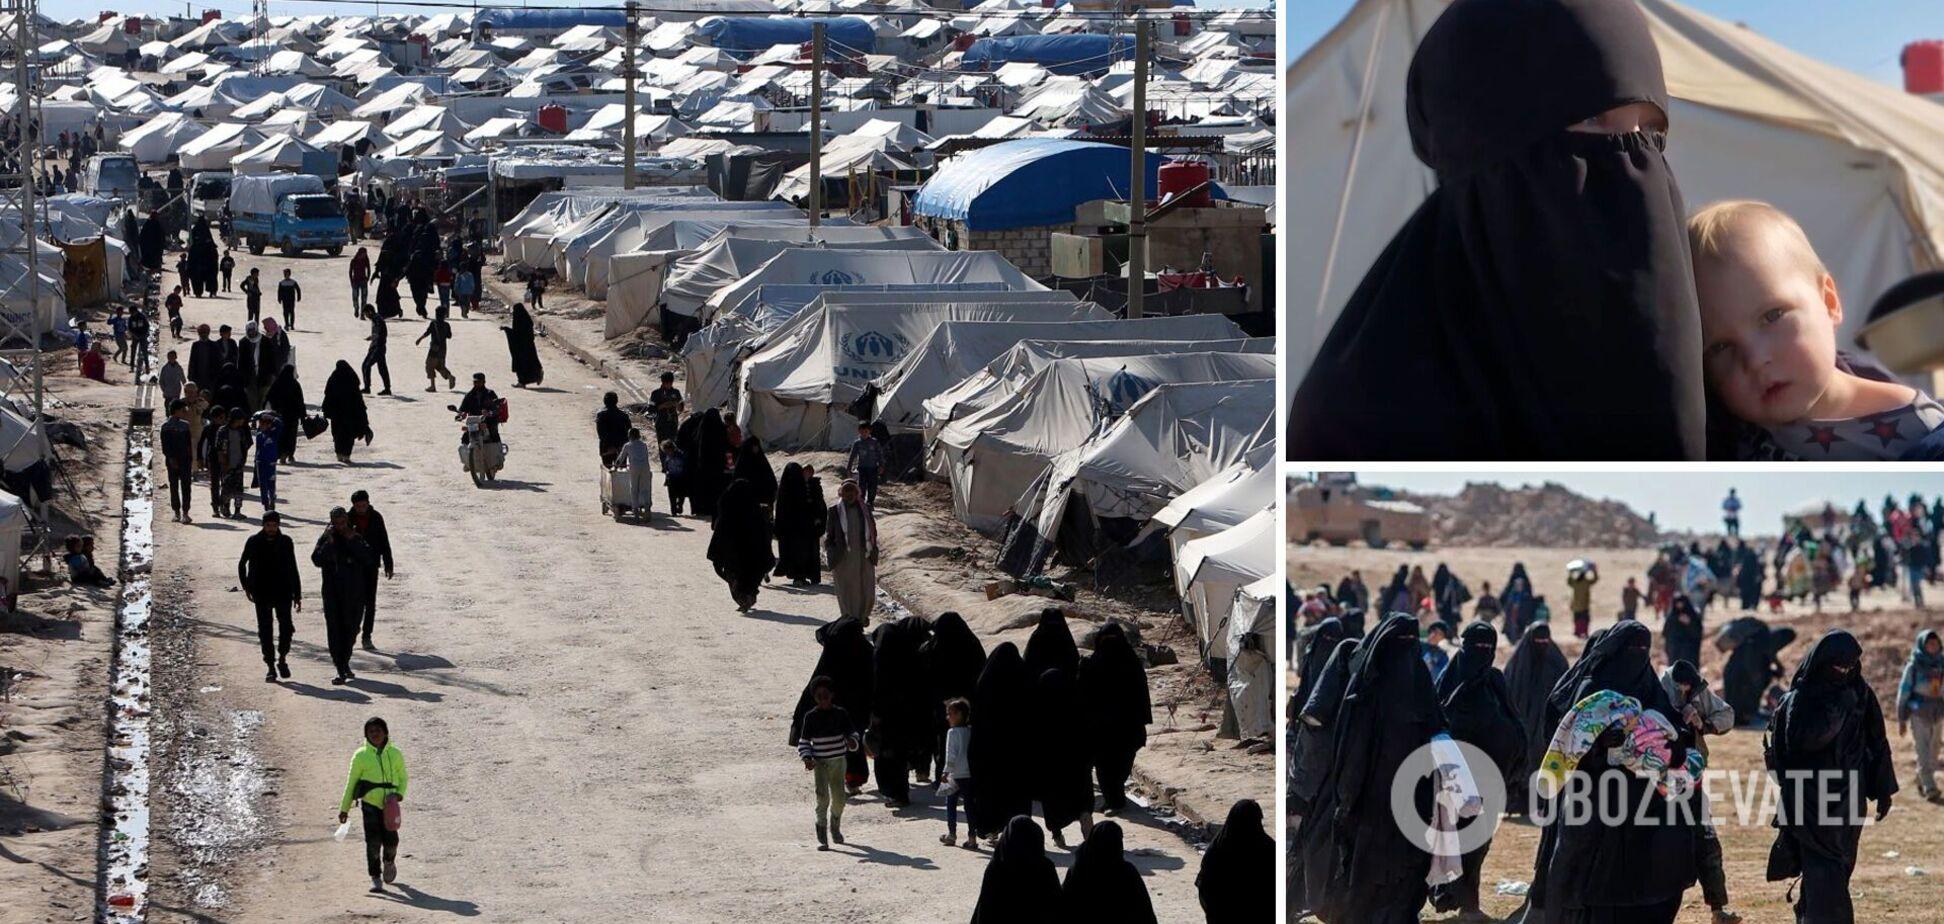 'Обіцяють ключі від раю'. Дівчат із Криму вивозять до Сирії і віддають терористам: як вербують жертв